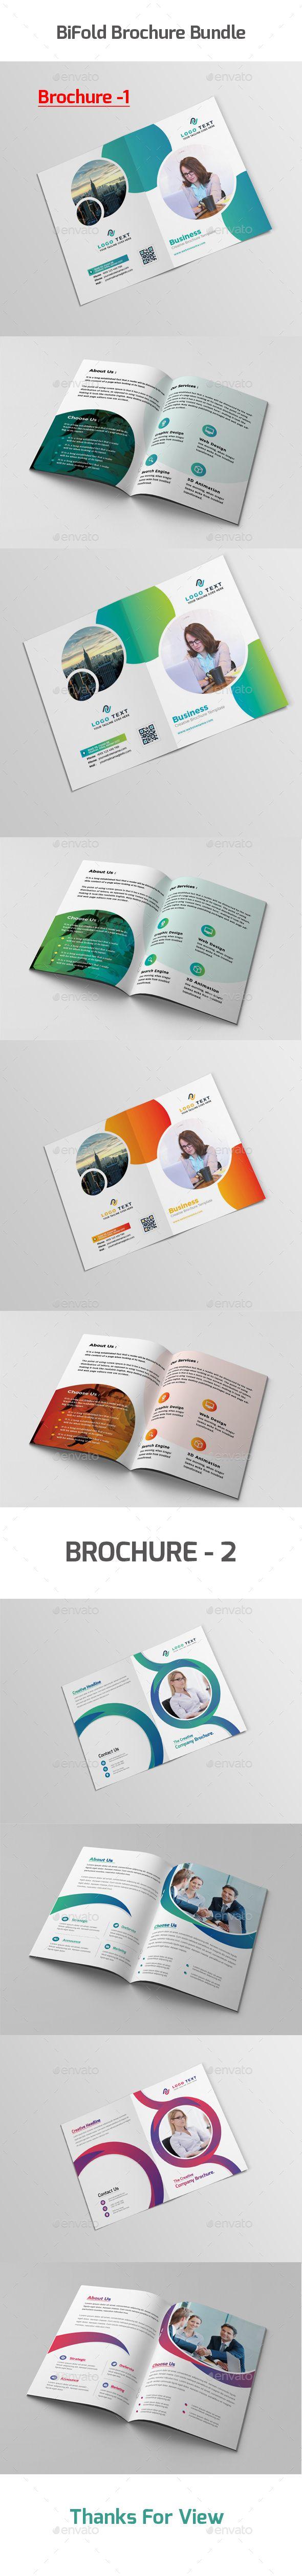 Bifold Brochure Bundle - Corporate Brochures